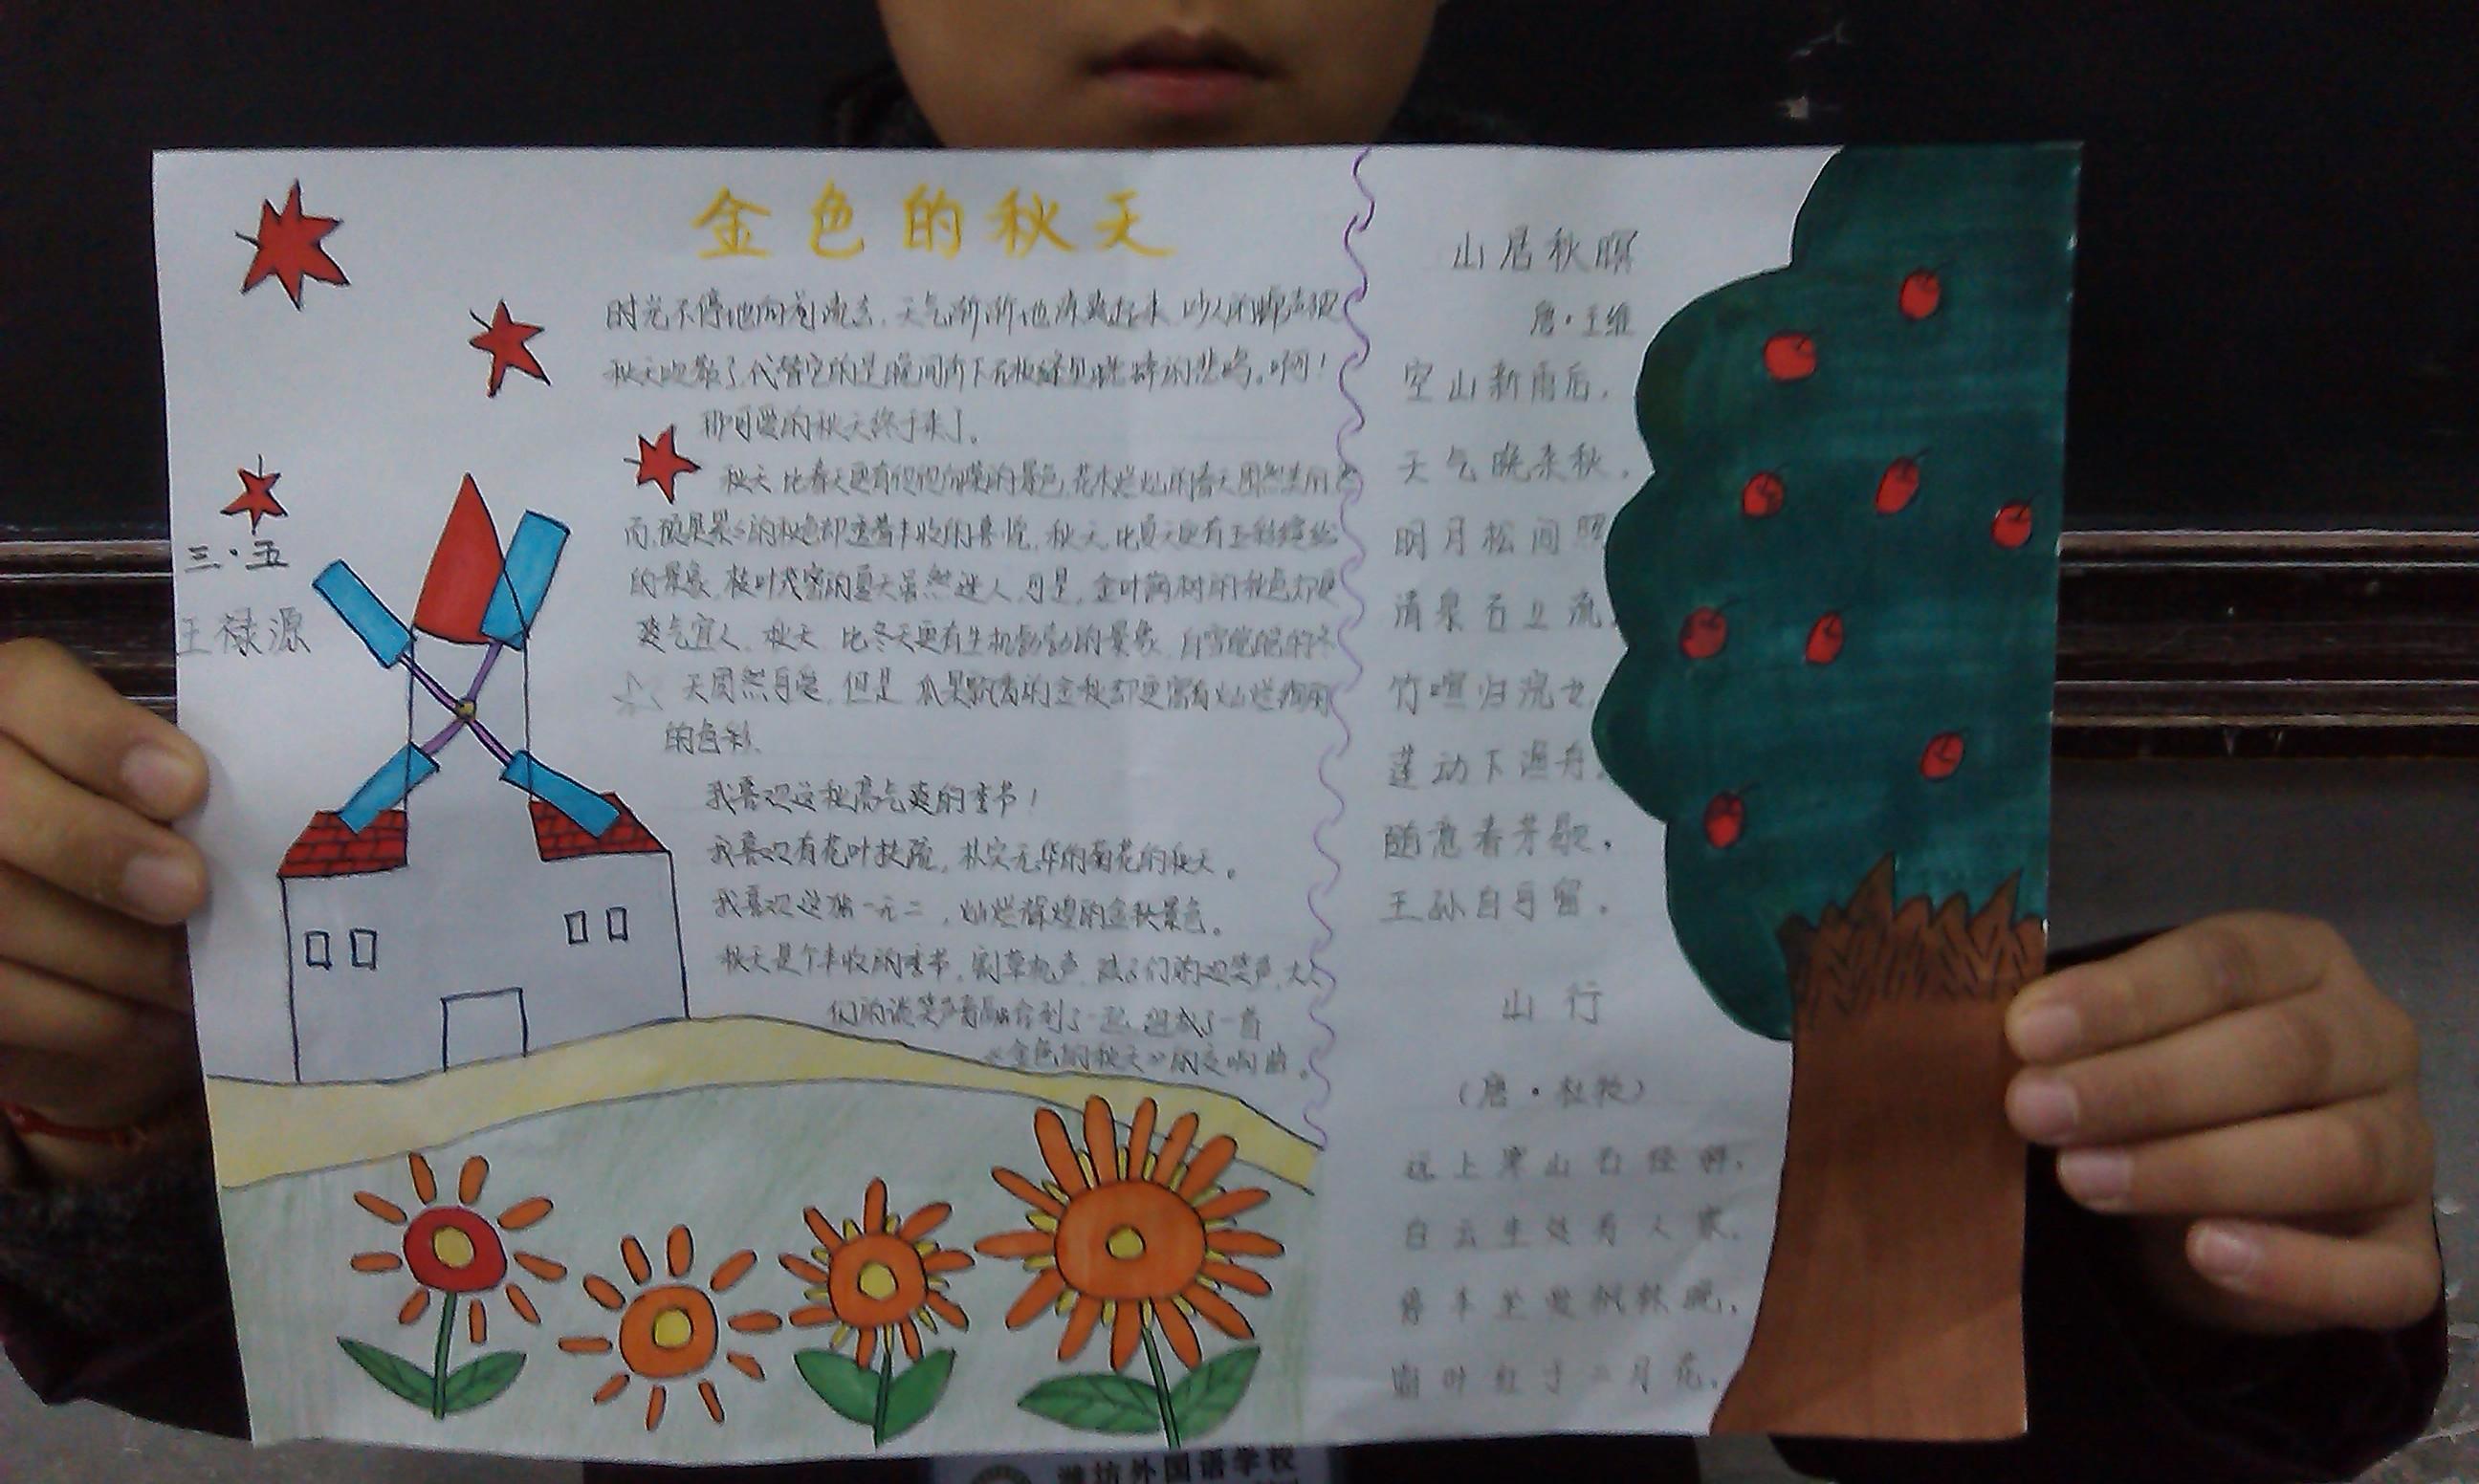 三年级秋天的图画手抄报_手抄报_精品学习网